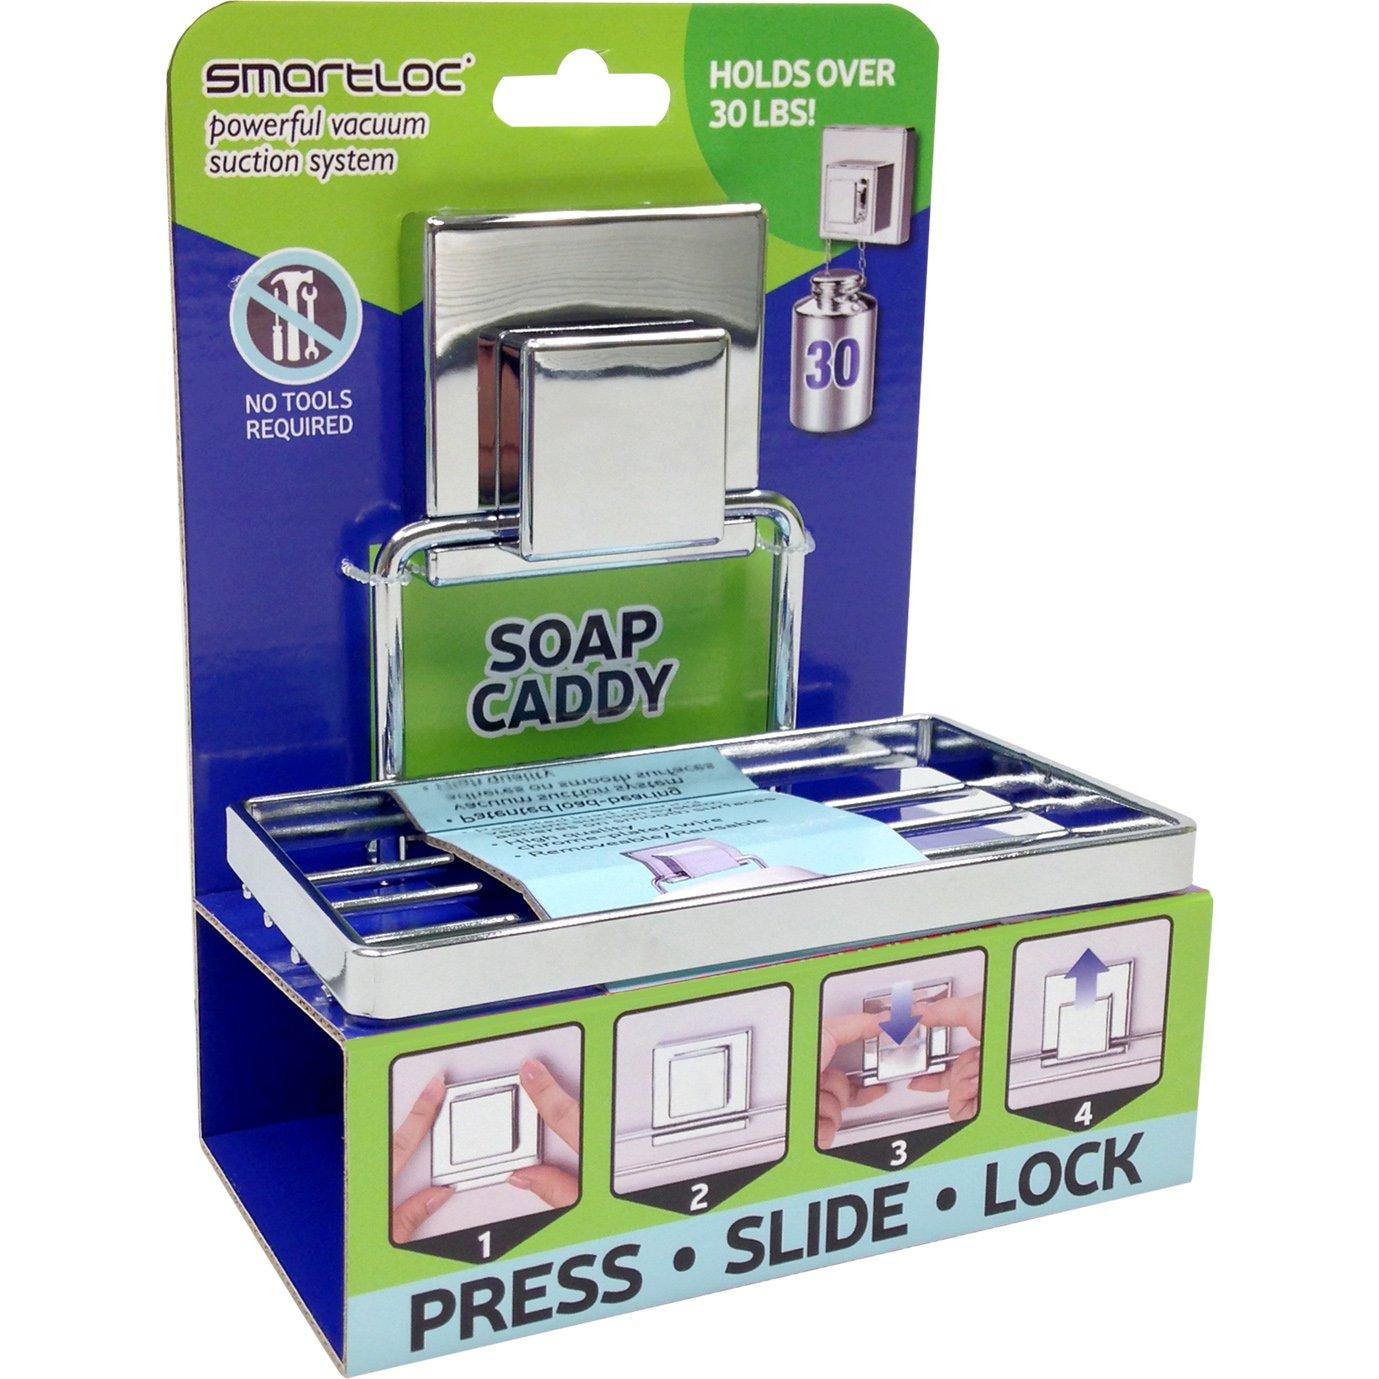 Amazon.com: Smartloc Patented Vacuum Suction Soap Holder, 30 lb ...